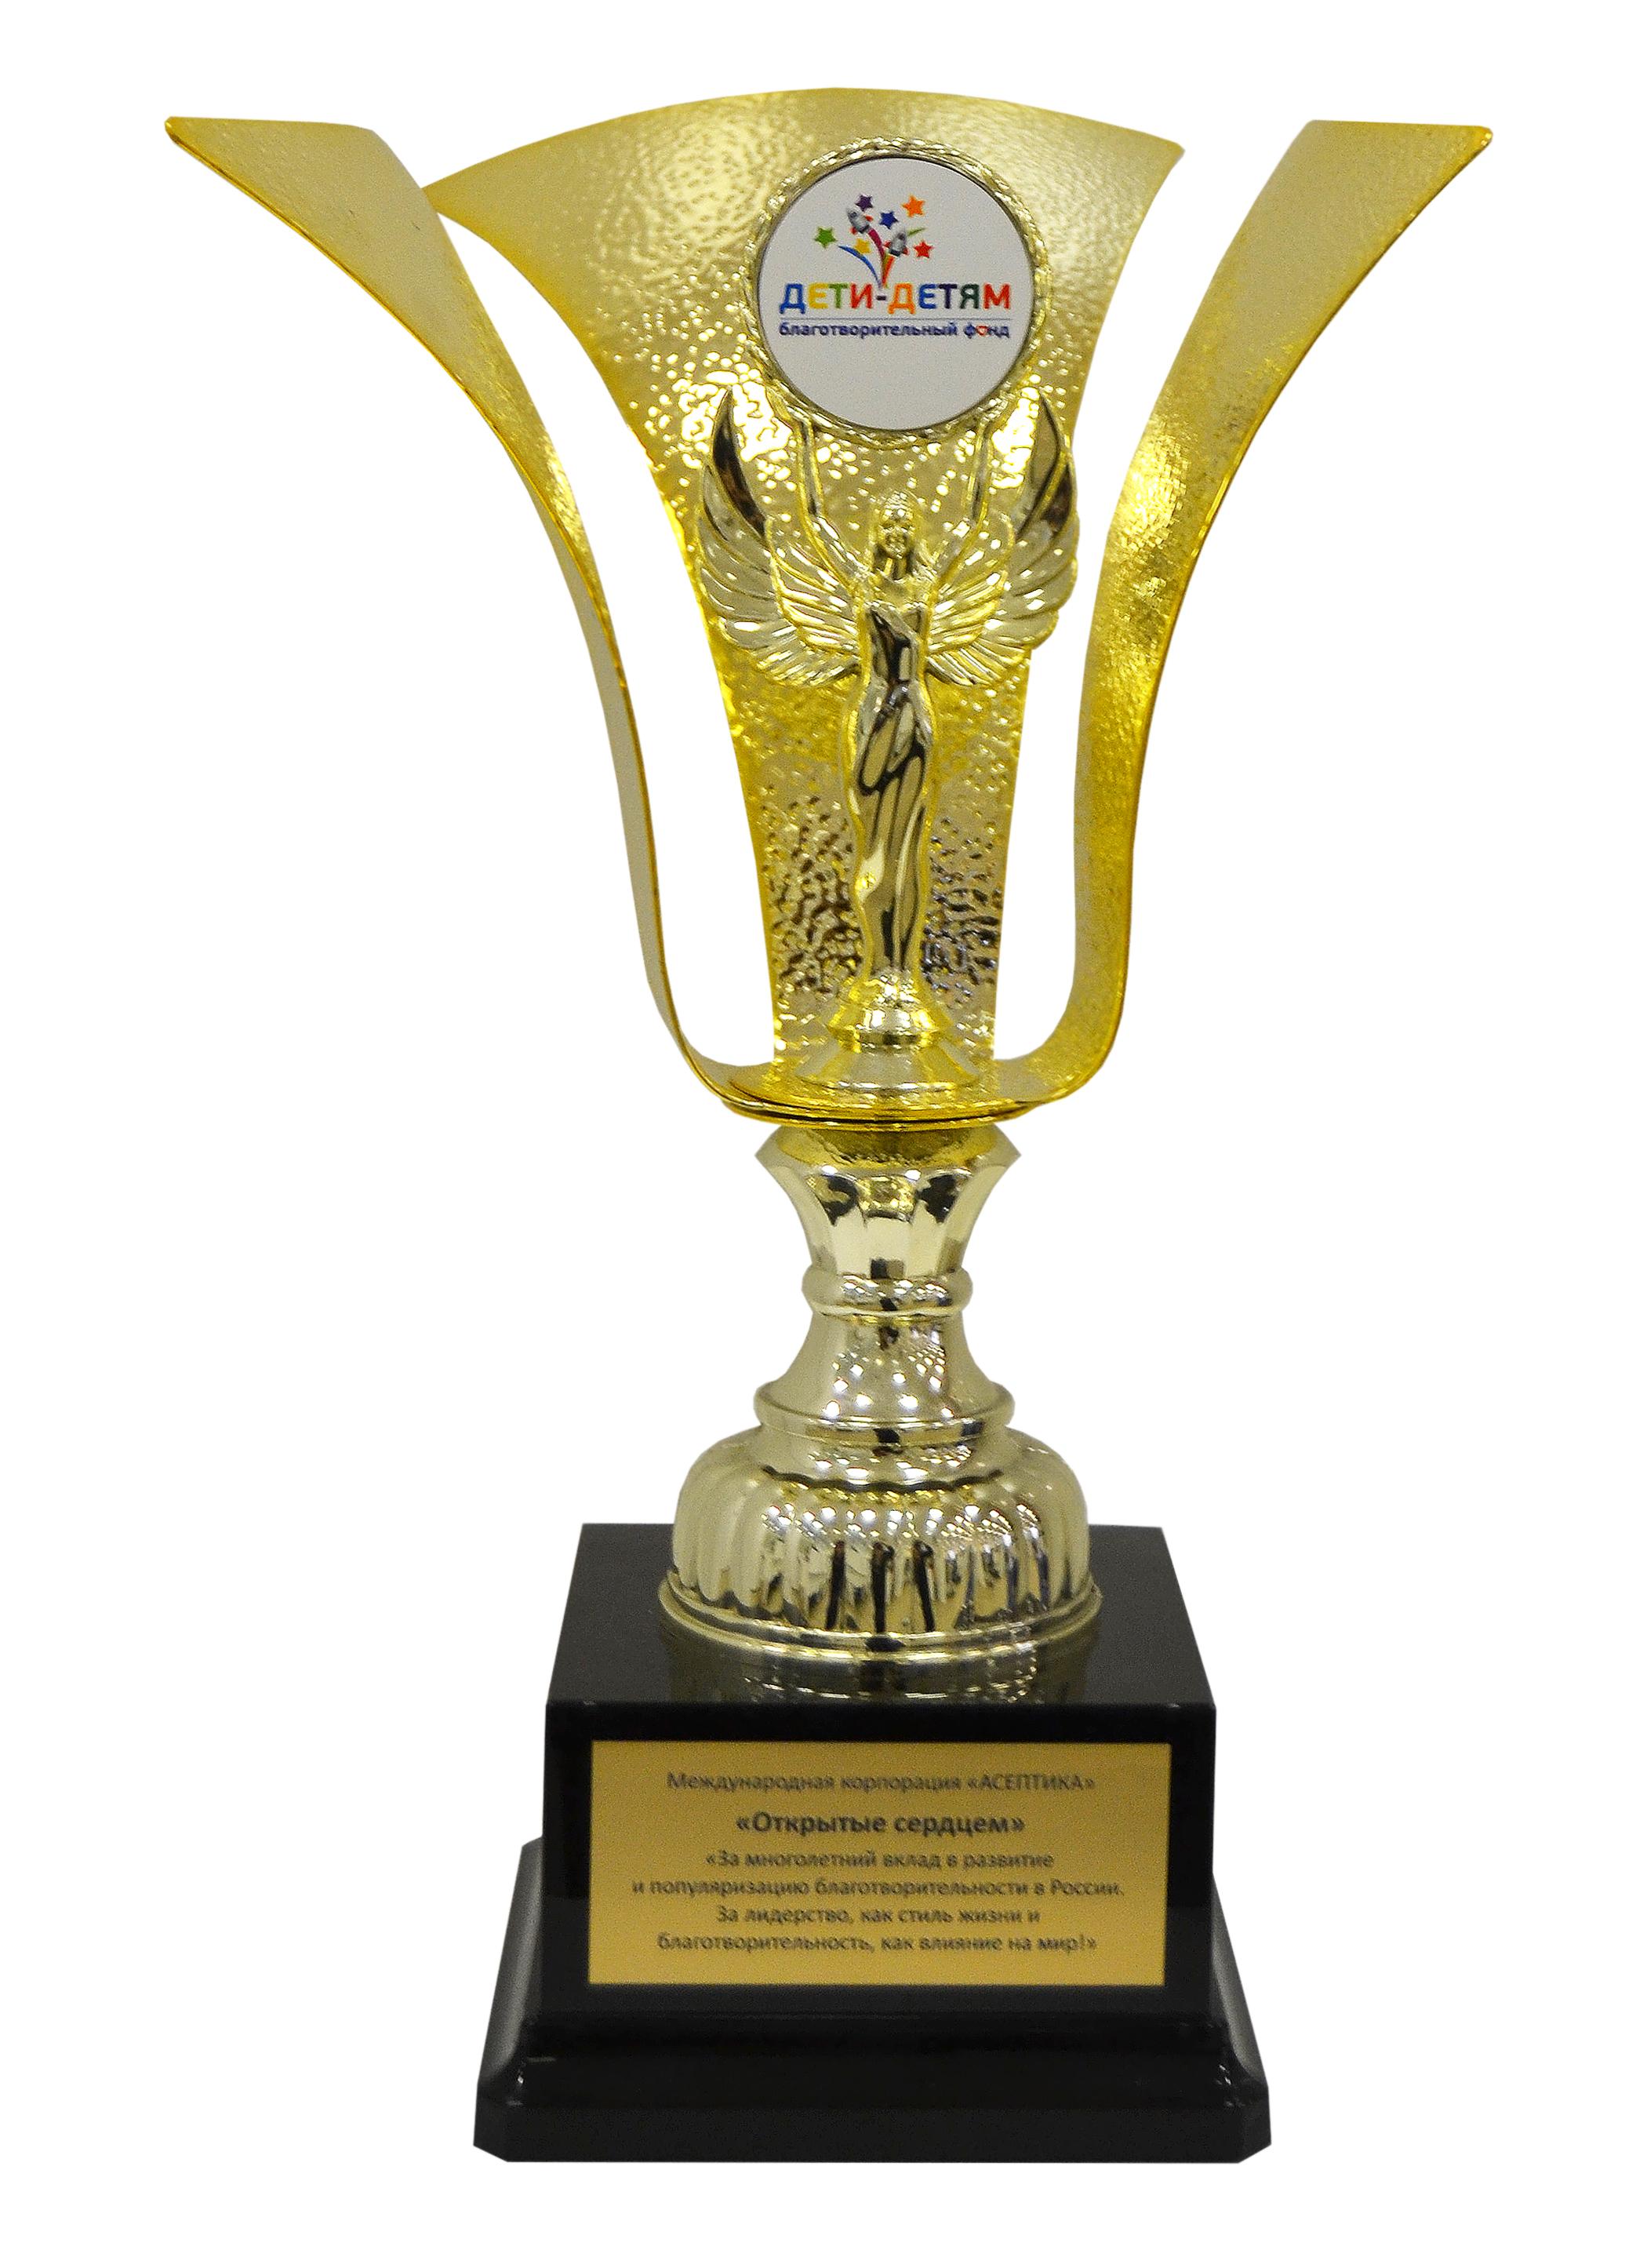 """Награда """"Открытые сердцем"""" за многолетний вклад в развитие и популяризацию благотворительности в России"""